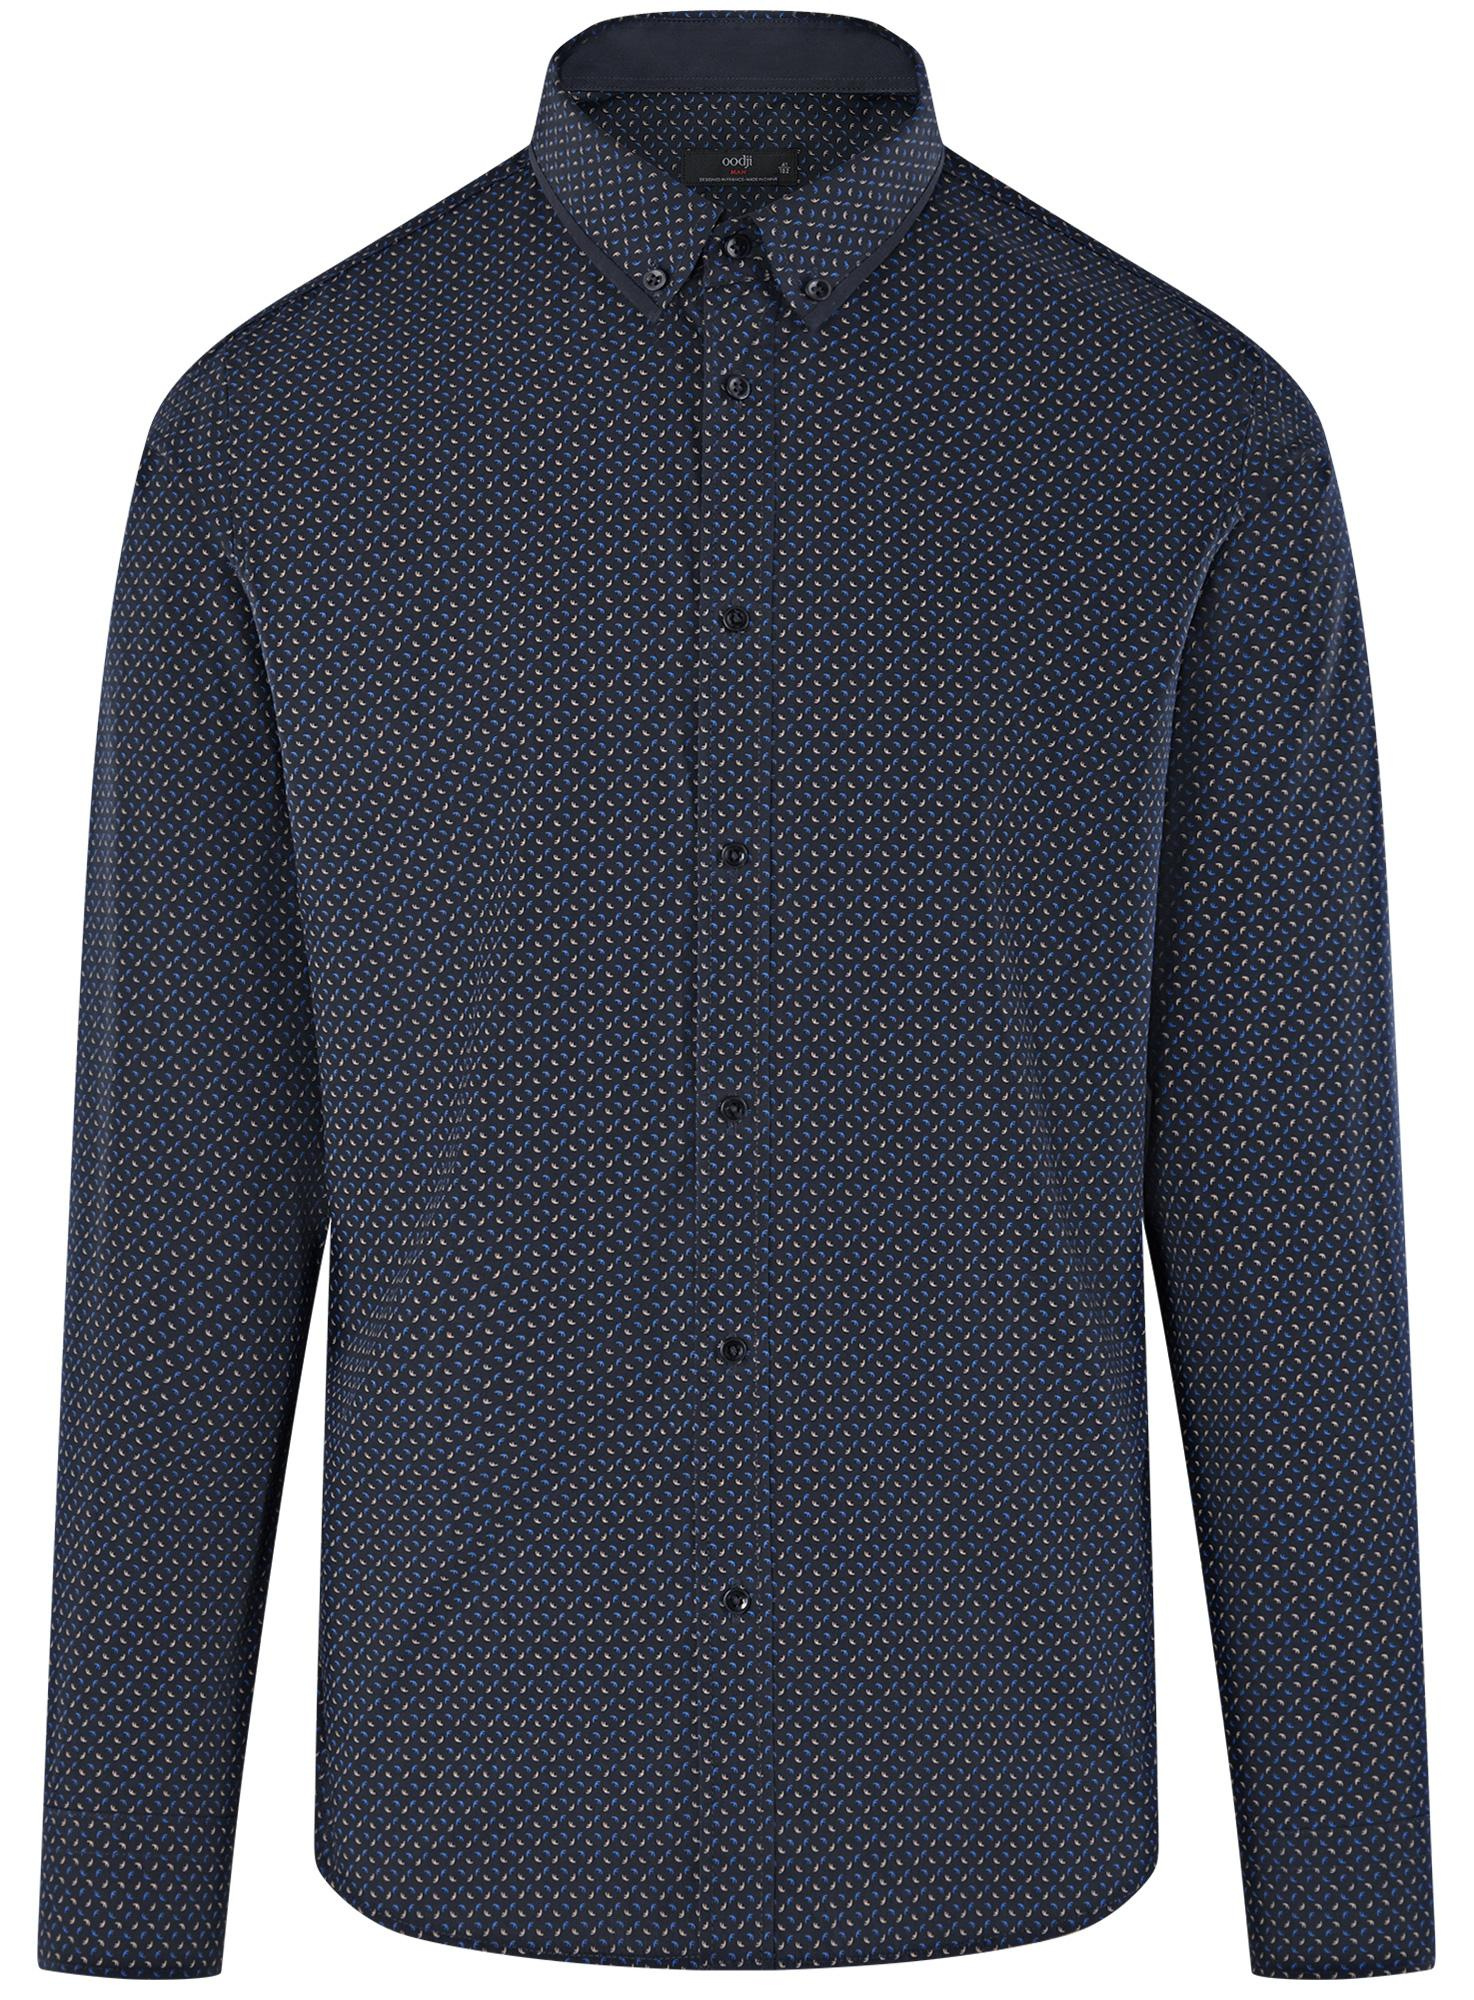 Рубашка приталенная с длинным рукавом oodji для мужчины (синий), 3L110387M/44425N/7975G